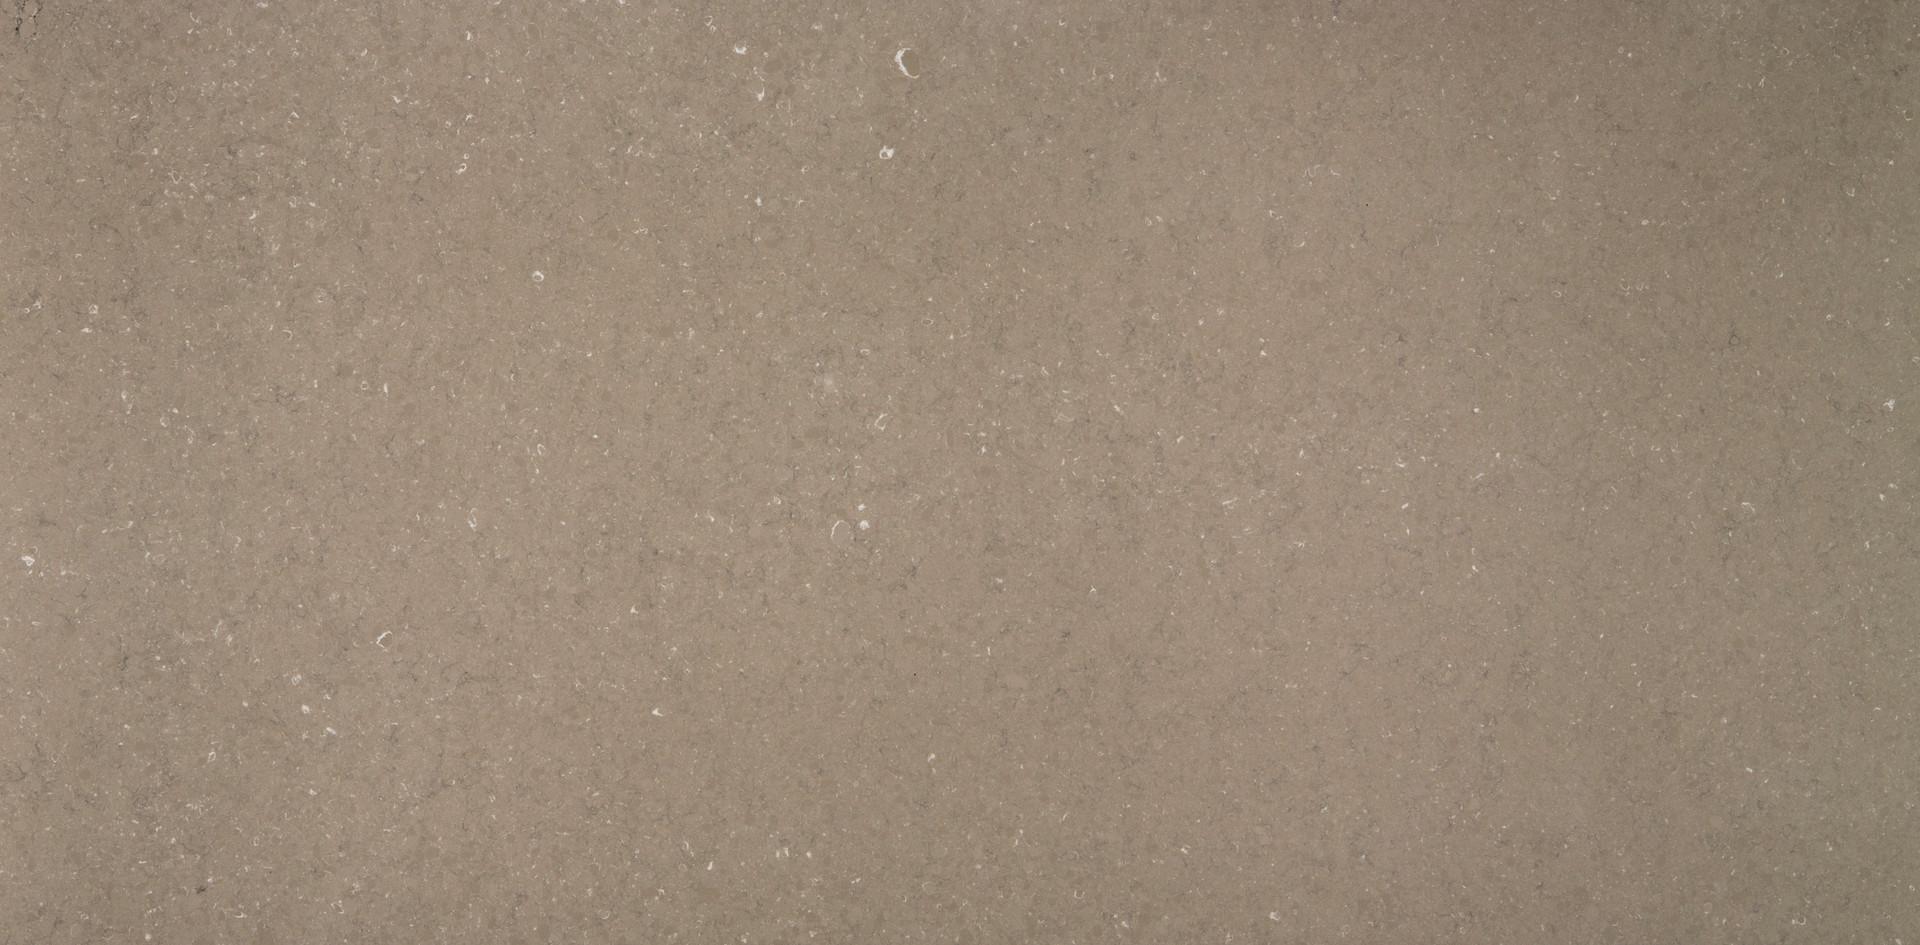 Consentino_Silestone - Coral Clay